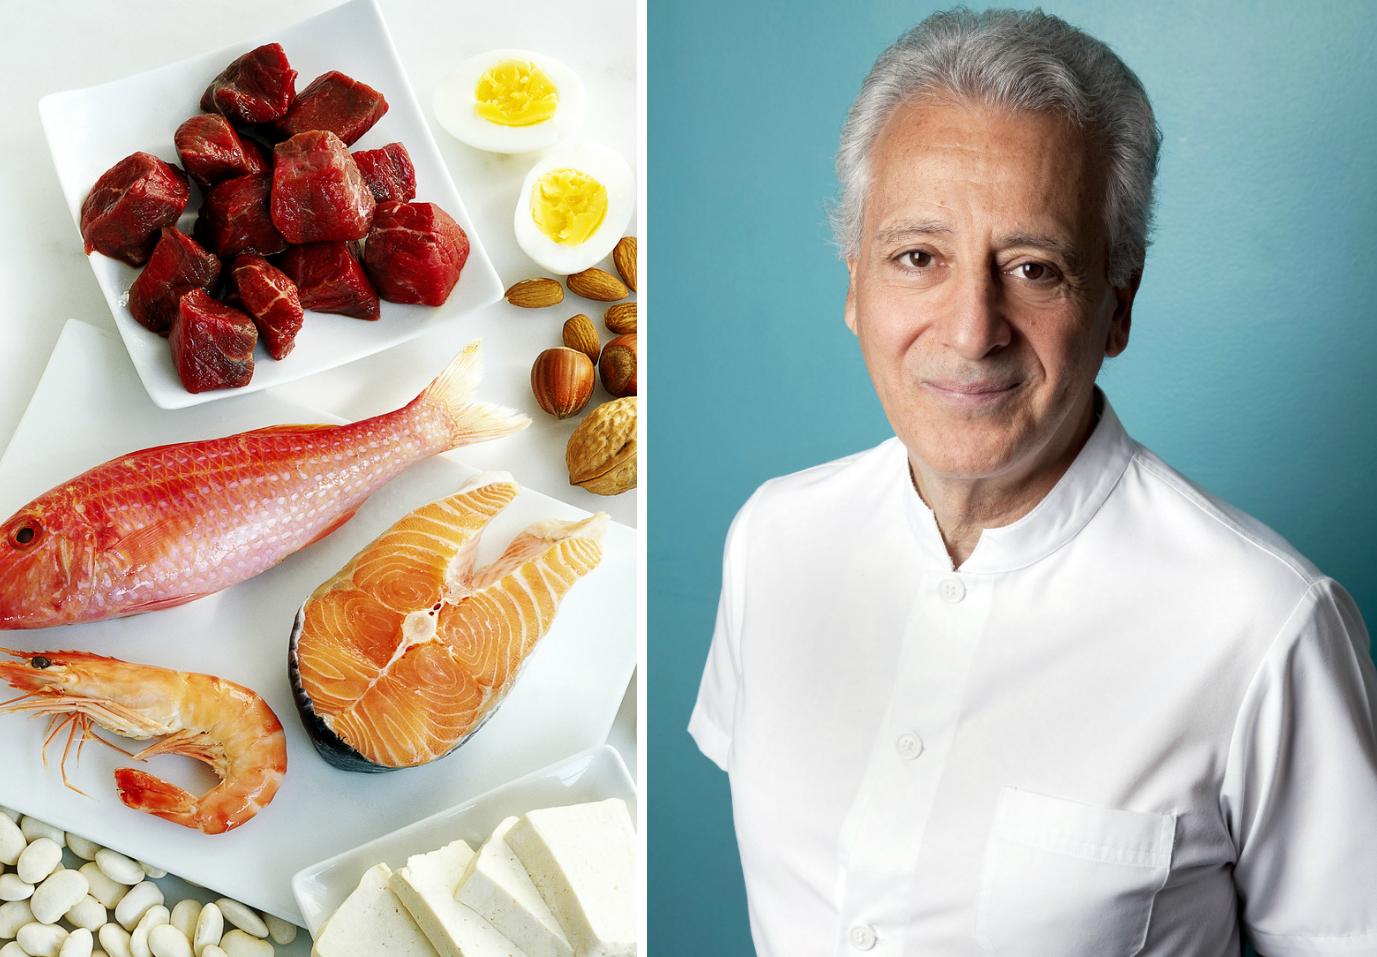 О французской диете доктора дюкана